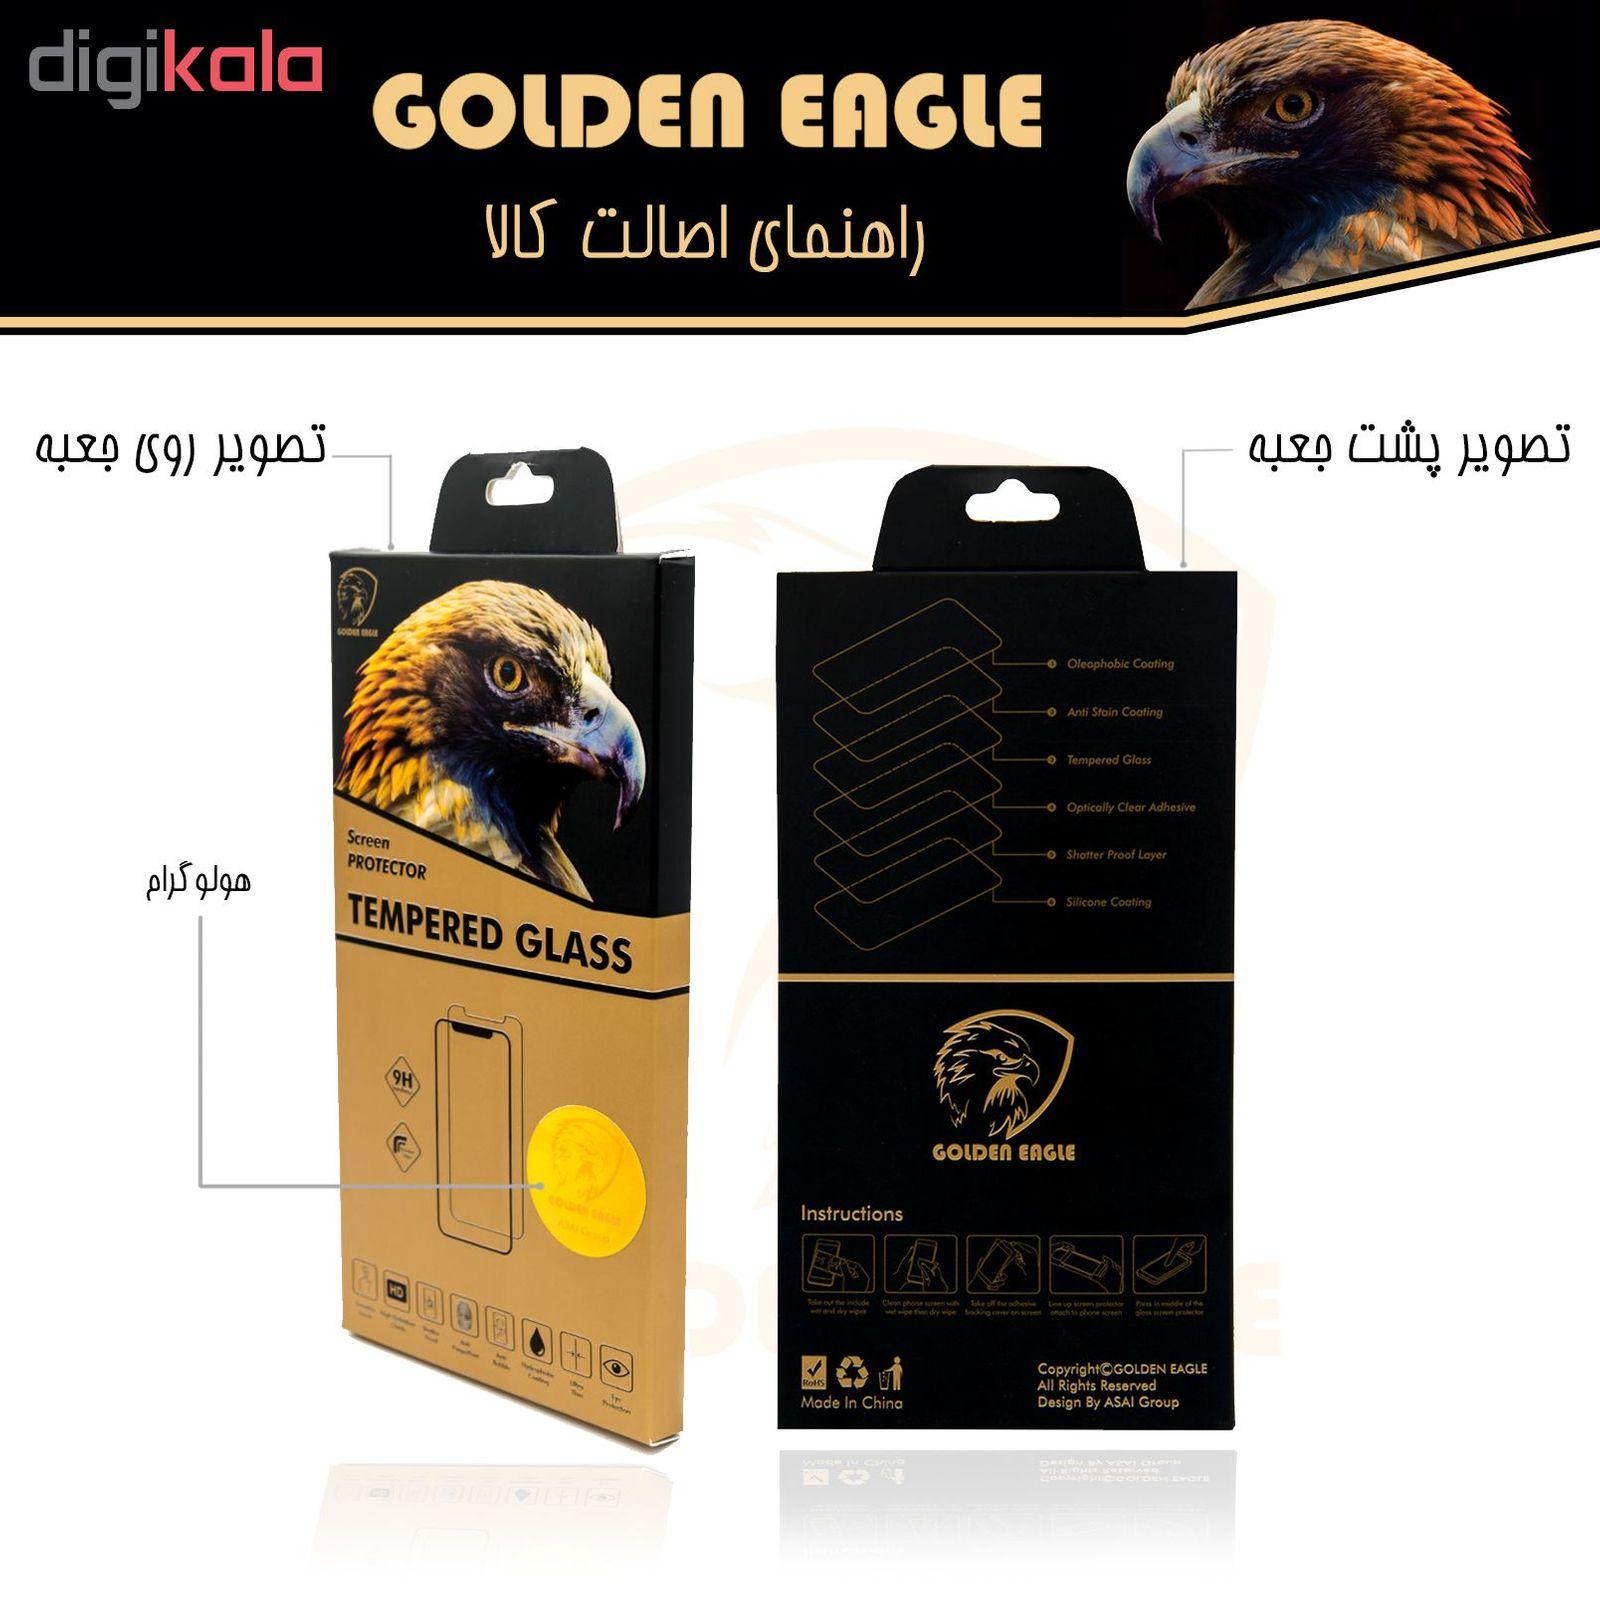 محافظ صفحه نمایش گلدن ایگل مدل DFC-X3 مناسب برای گوشی موبایل سامسونگ Galaxy M20 بسته سه عددی main 1 5